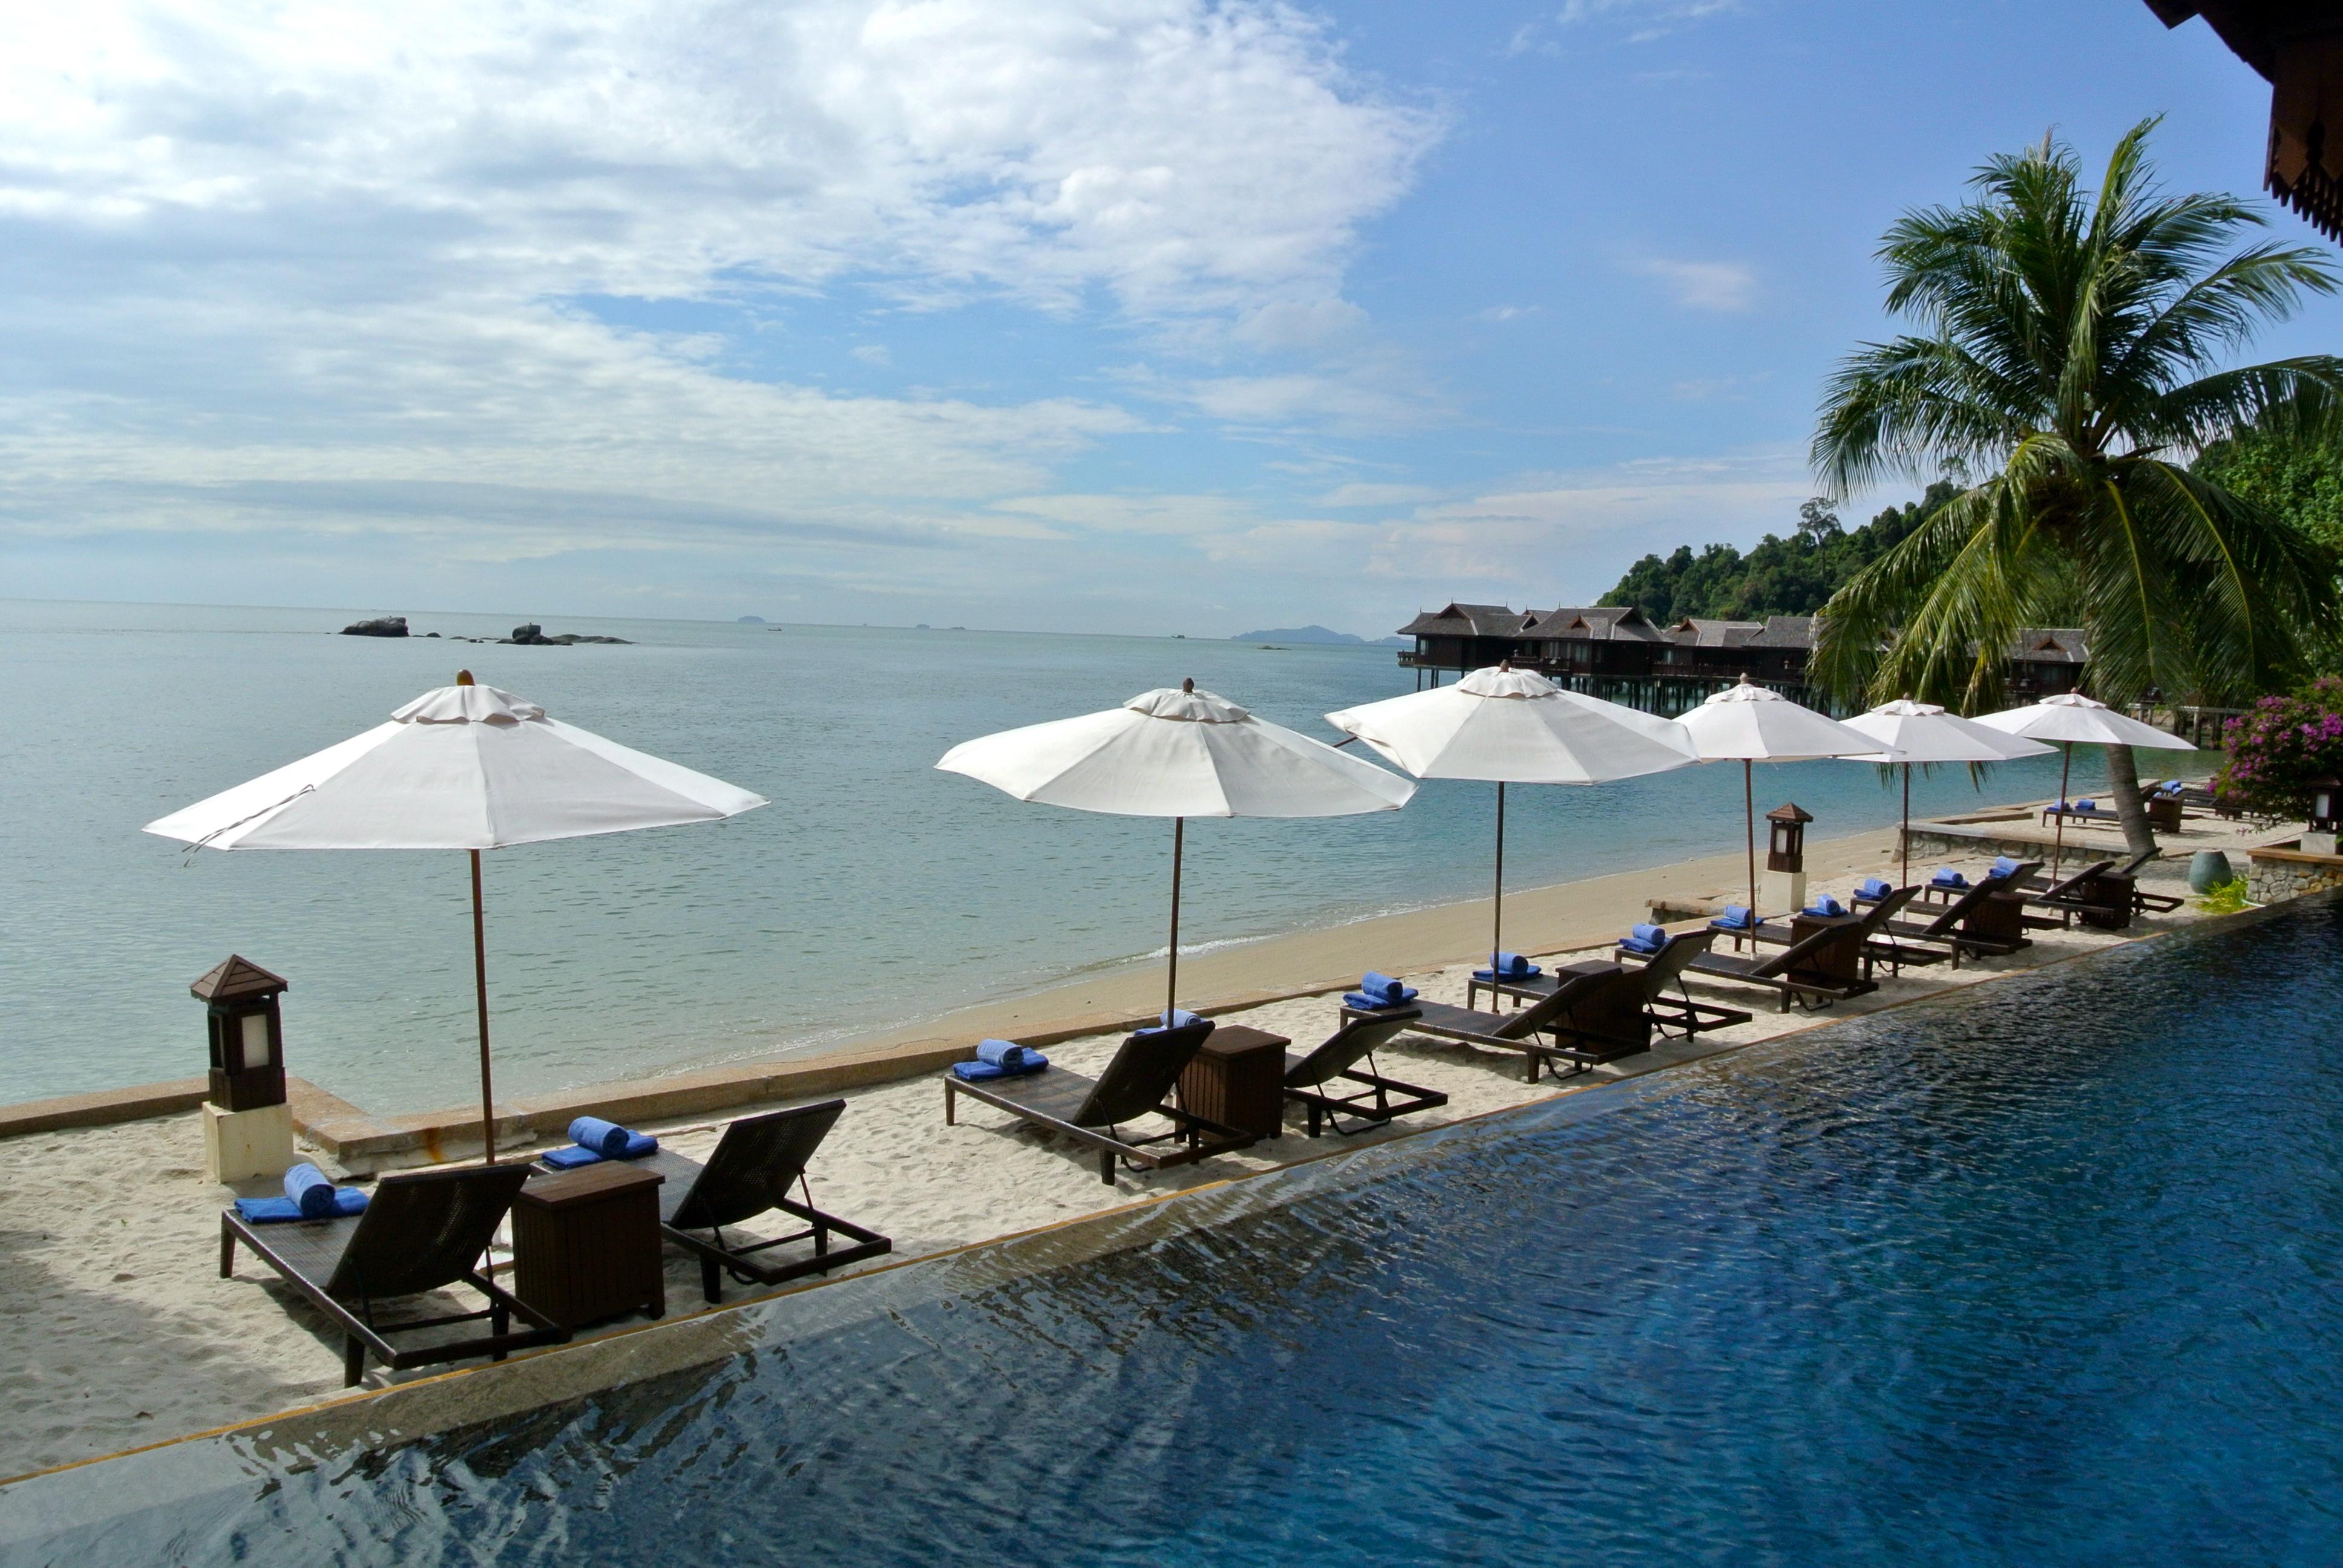 7.Pangkor Laut Resort, Malaysia